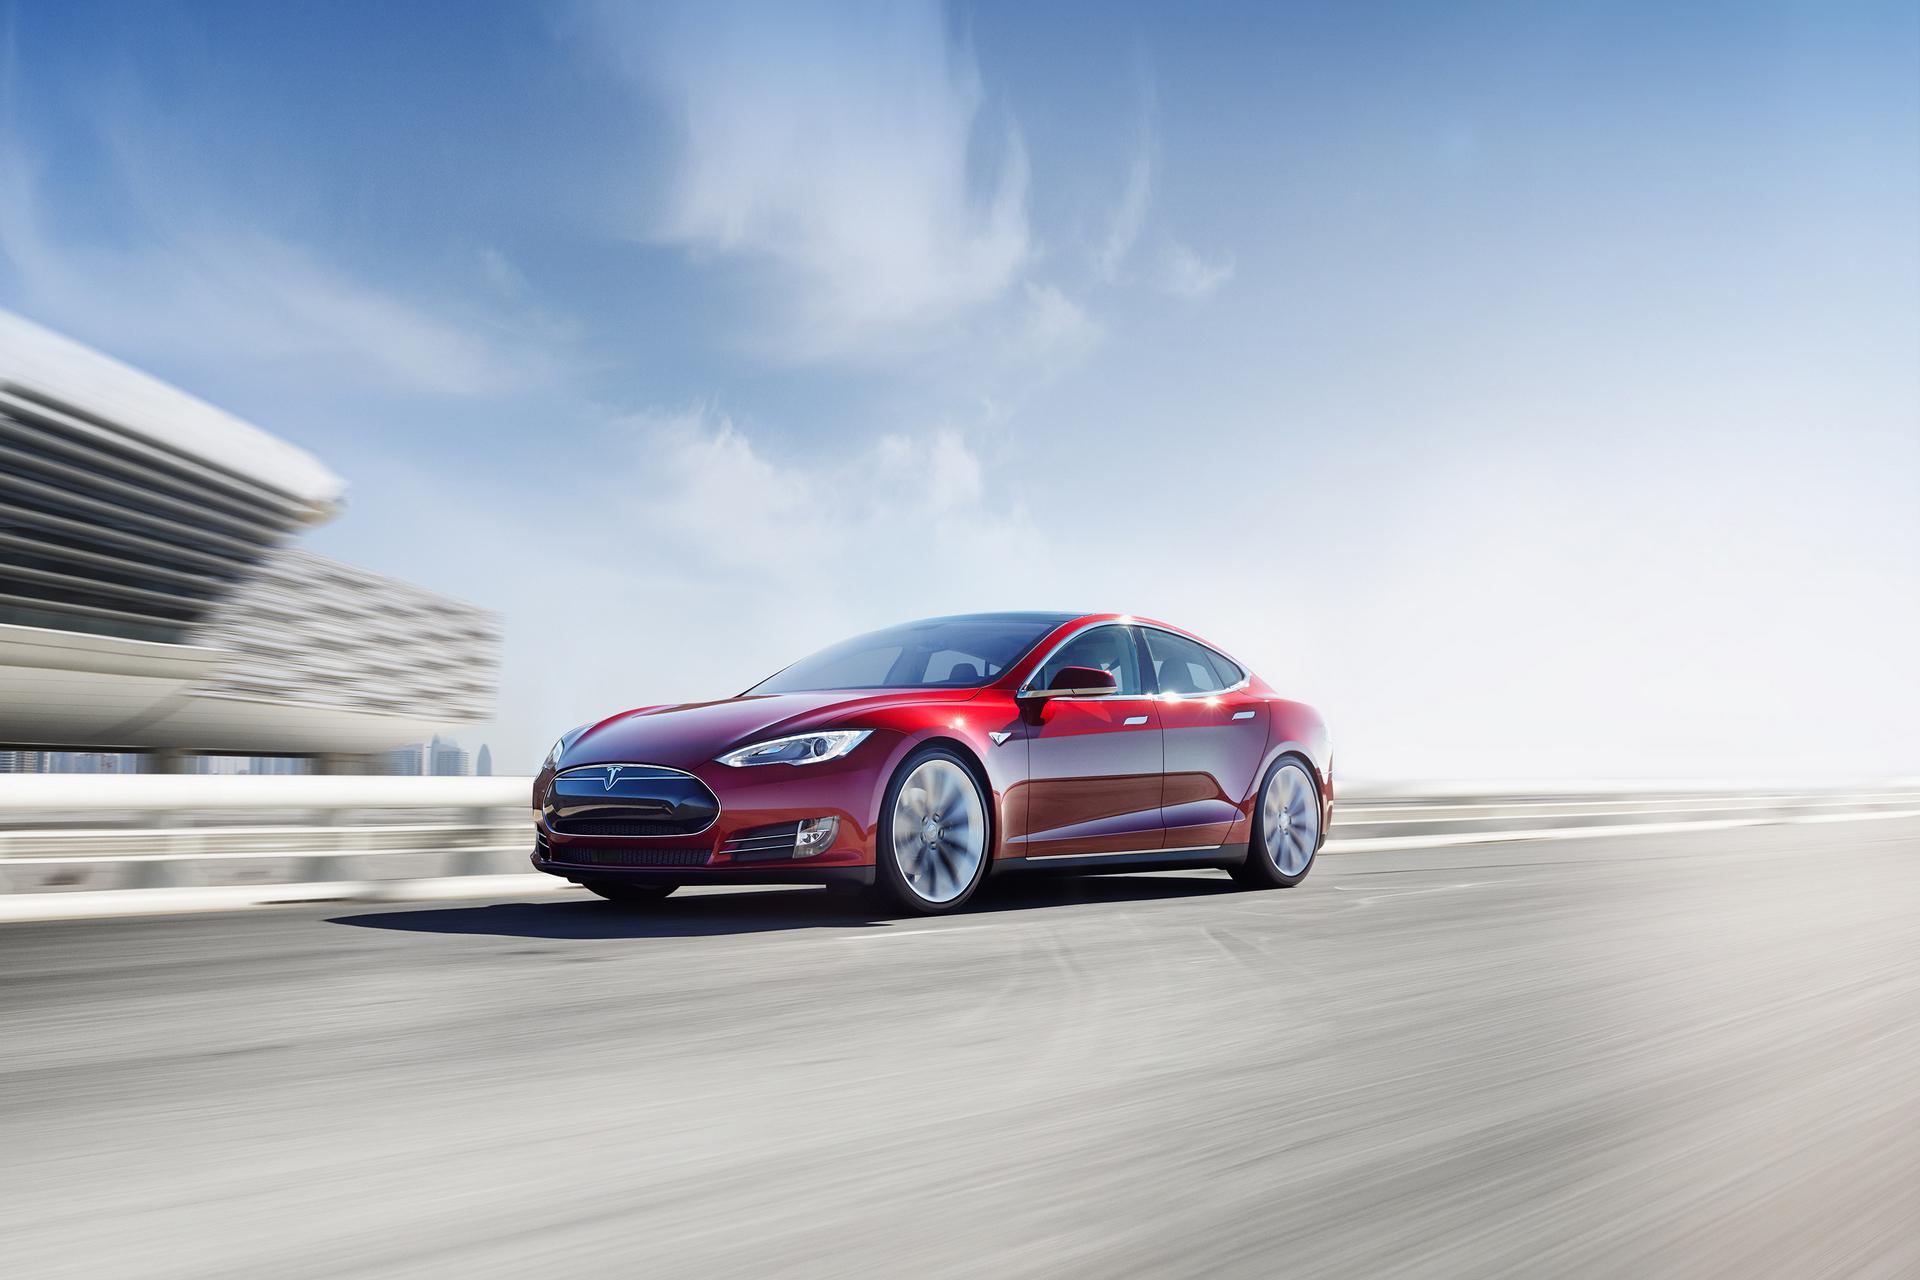 Купить Tesla - автомобиль Tesla из Америки: купить Tesla в США